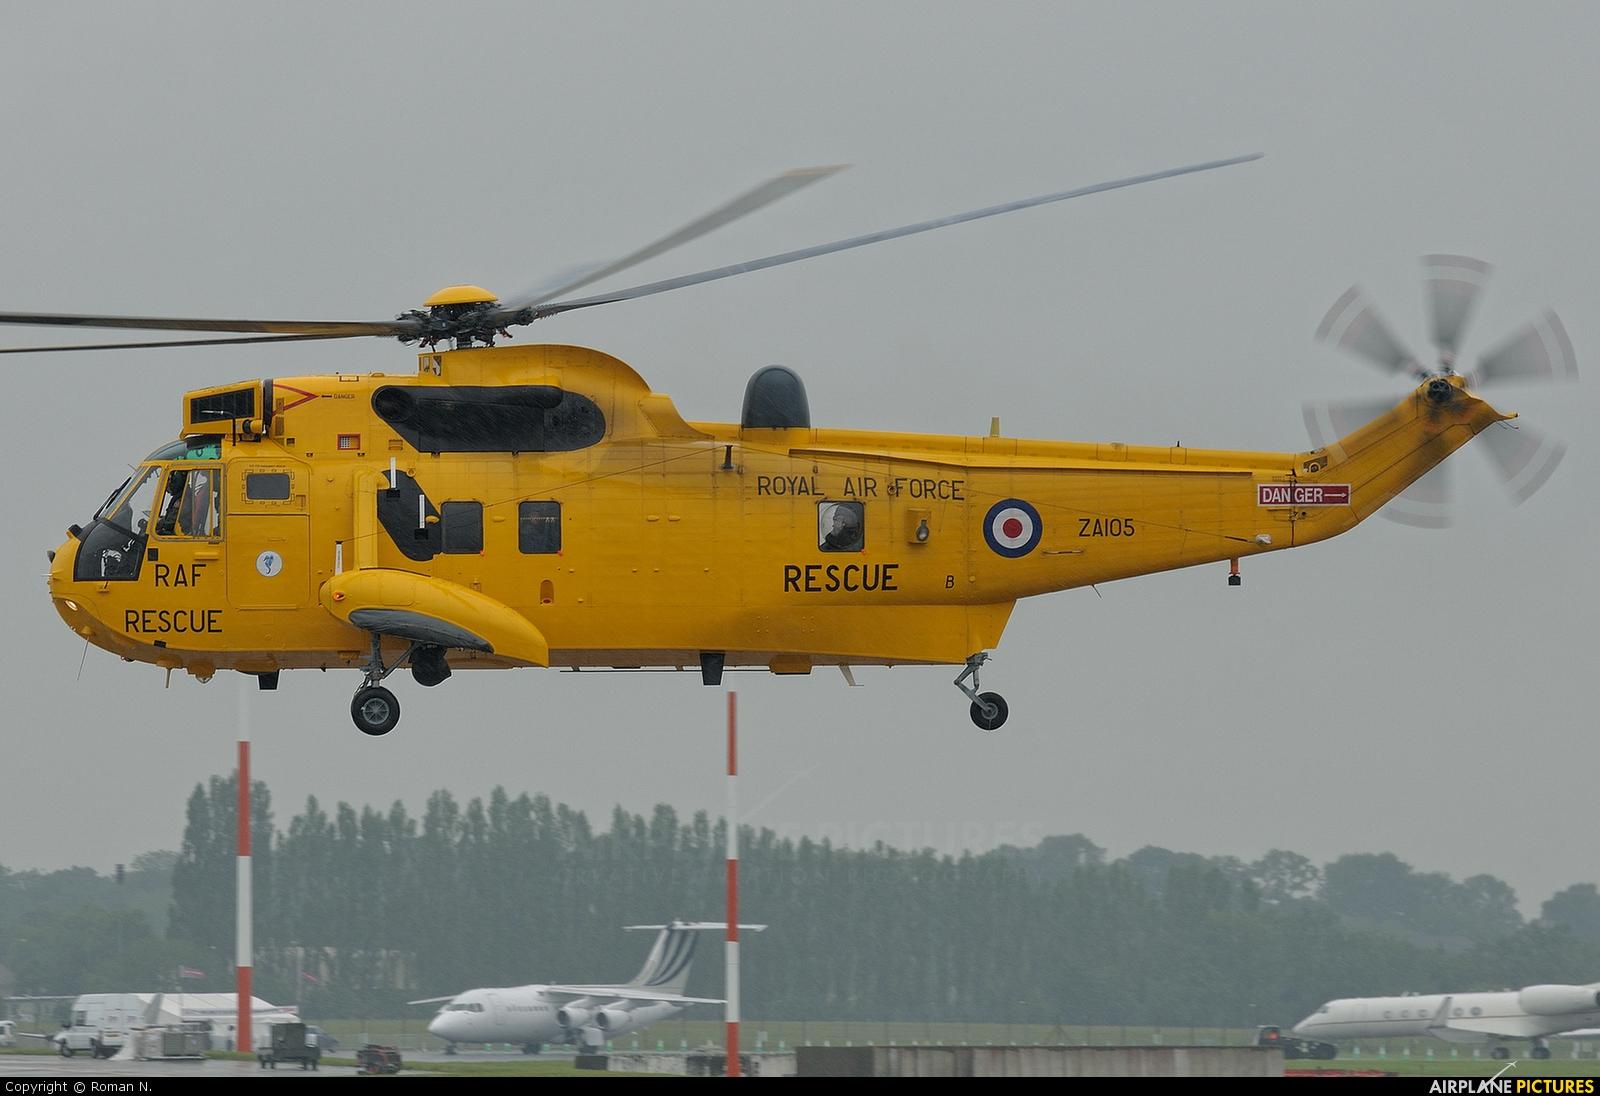 Royal Air Force ZA105 aircraft at Fairford